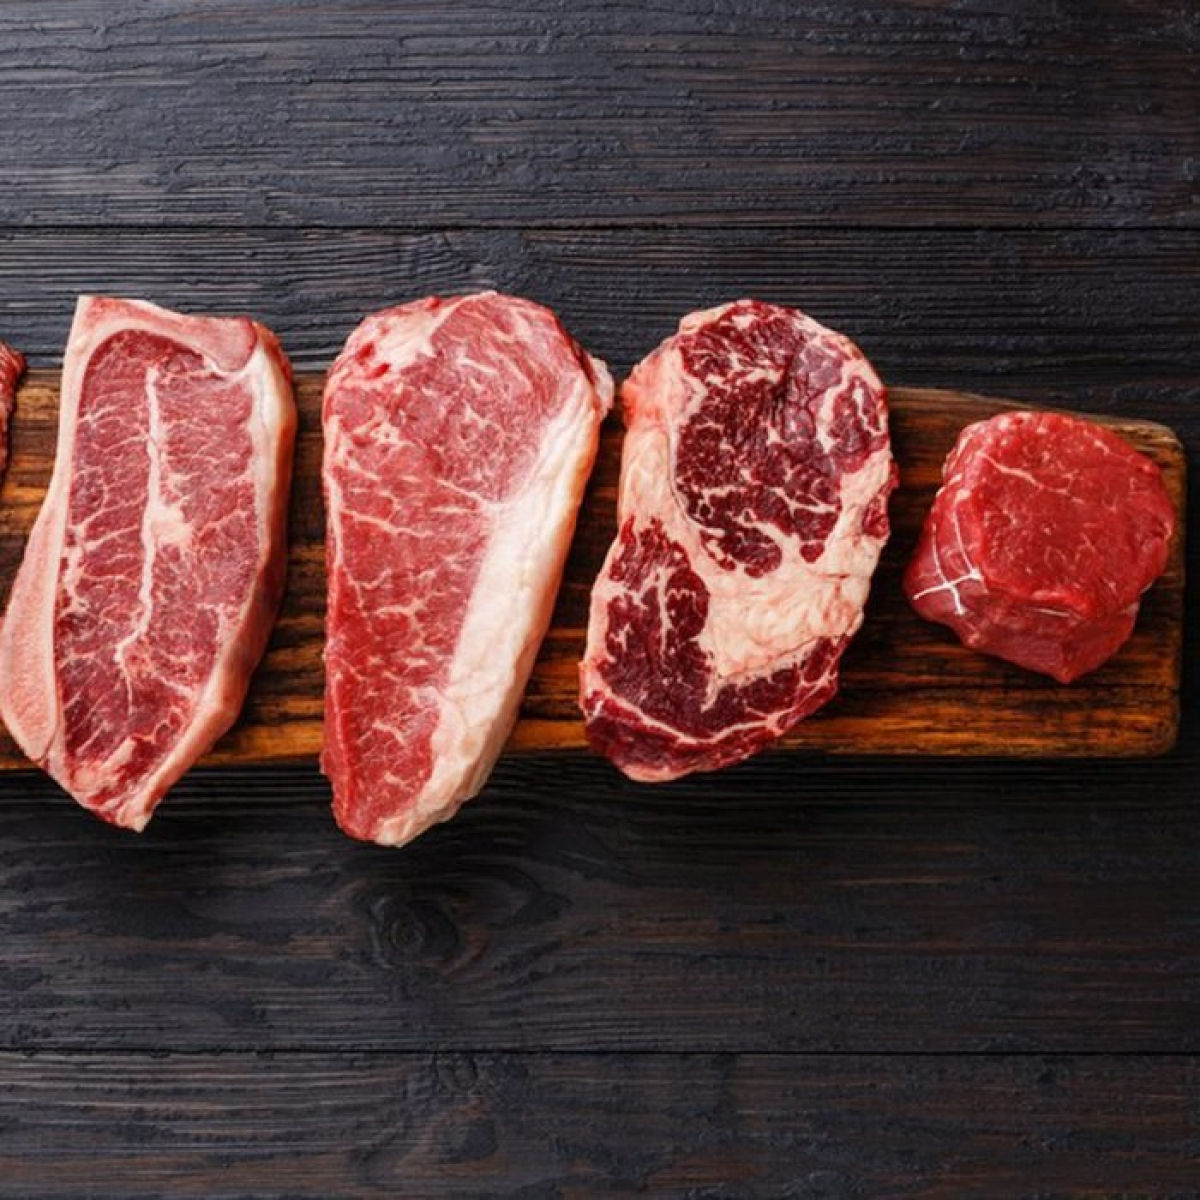 Điều gì sẽ xảy ra nếu bạn ăn quá nhiều thịt? Có lẽ bạn đã nghe rất nhiều ý kiến trái chiều xoay quanh câu hỏi liệu ăn thịt có lợi hay có hại cho sức khỏe. Mặc dù câu trả lời chính xác vẫn chưa được thống nhất, các chuyên gia đã tìm ra rằng ăn quá nhiều thịt có thể làm tăng nguy cơ mắc một số vấn đề sức khỏe.